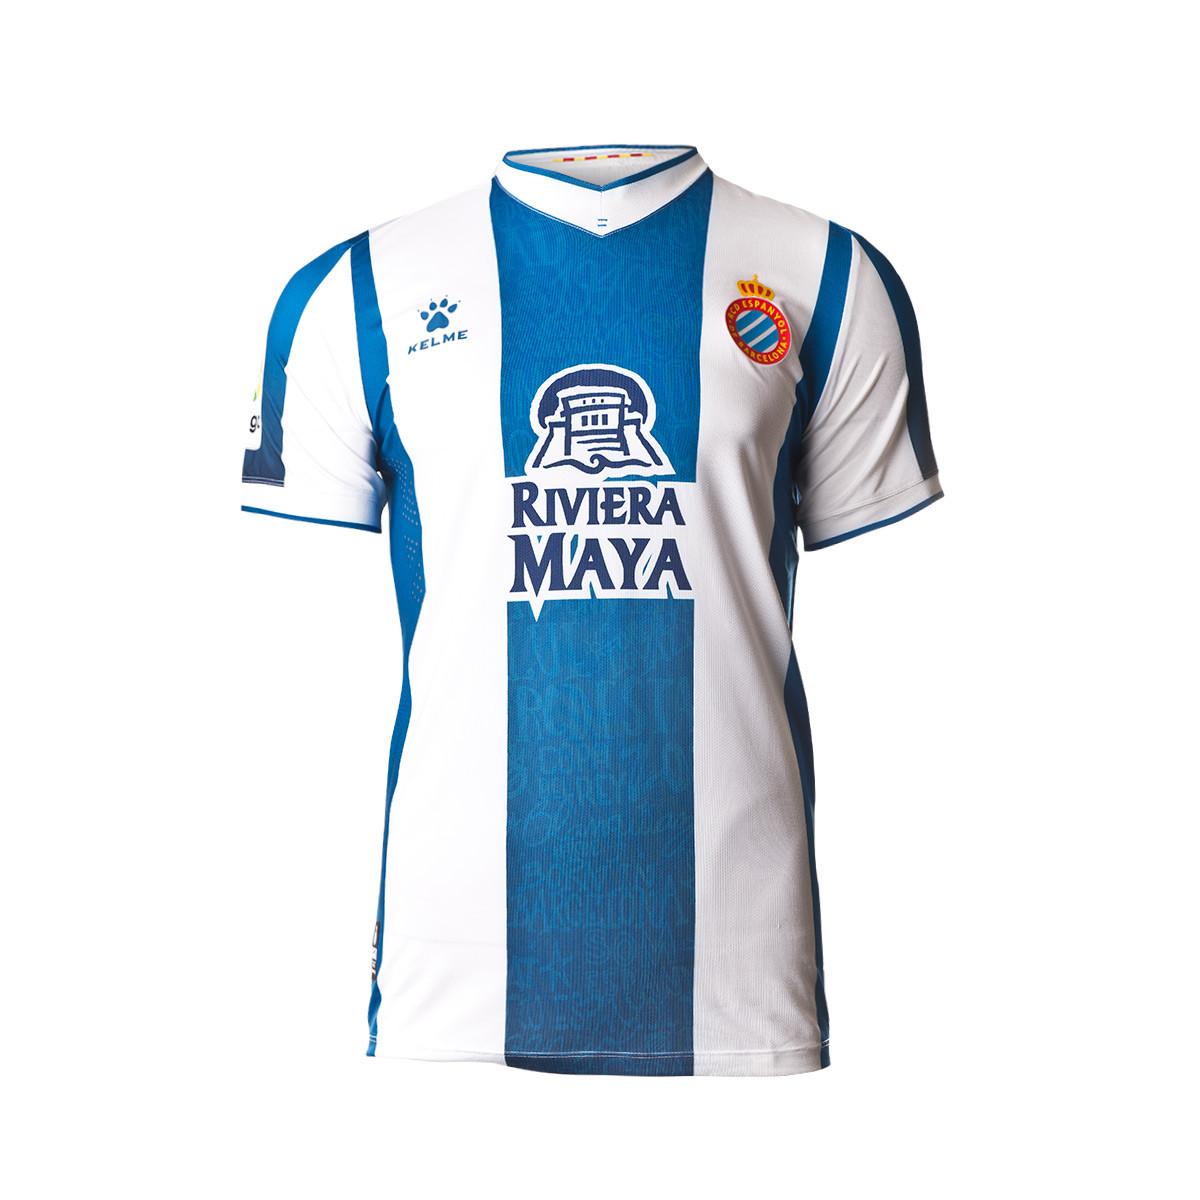 Van Shaded straw espanyol shirt - ankara-panelkapi.com